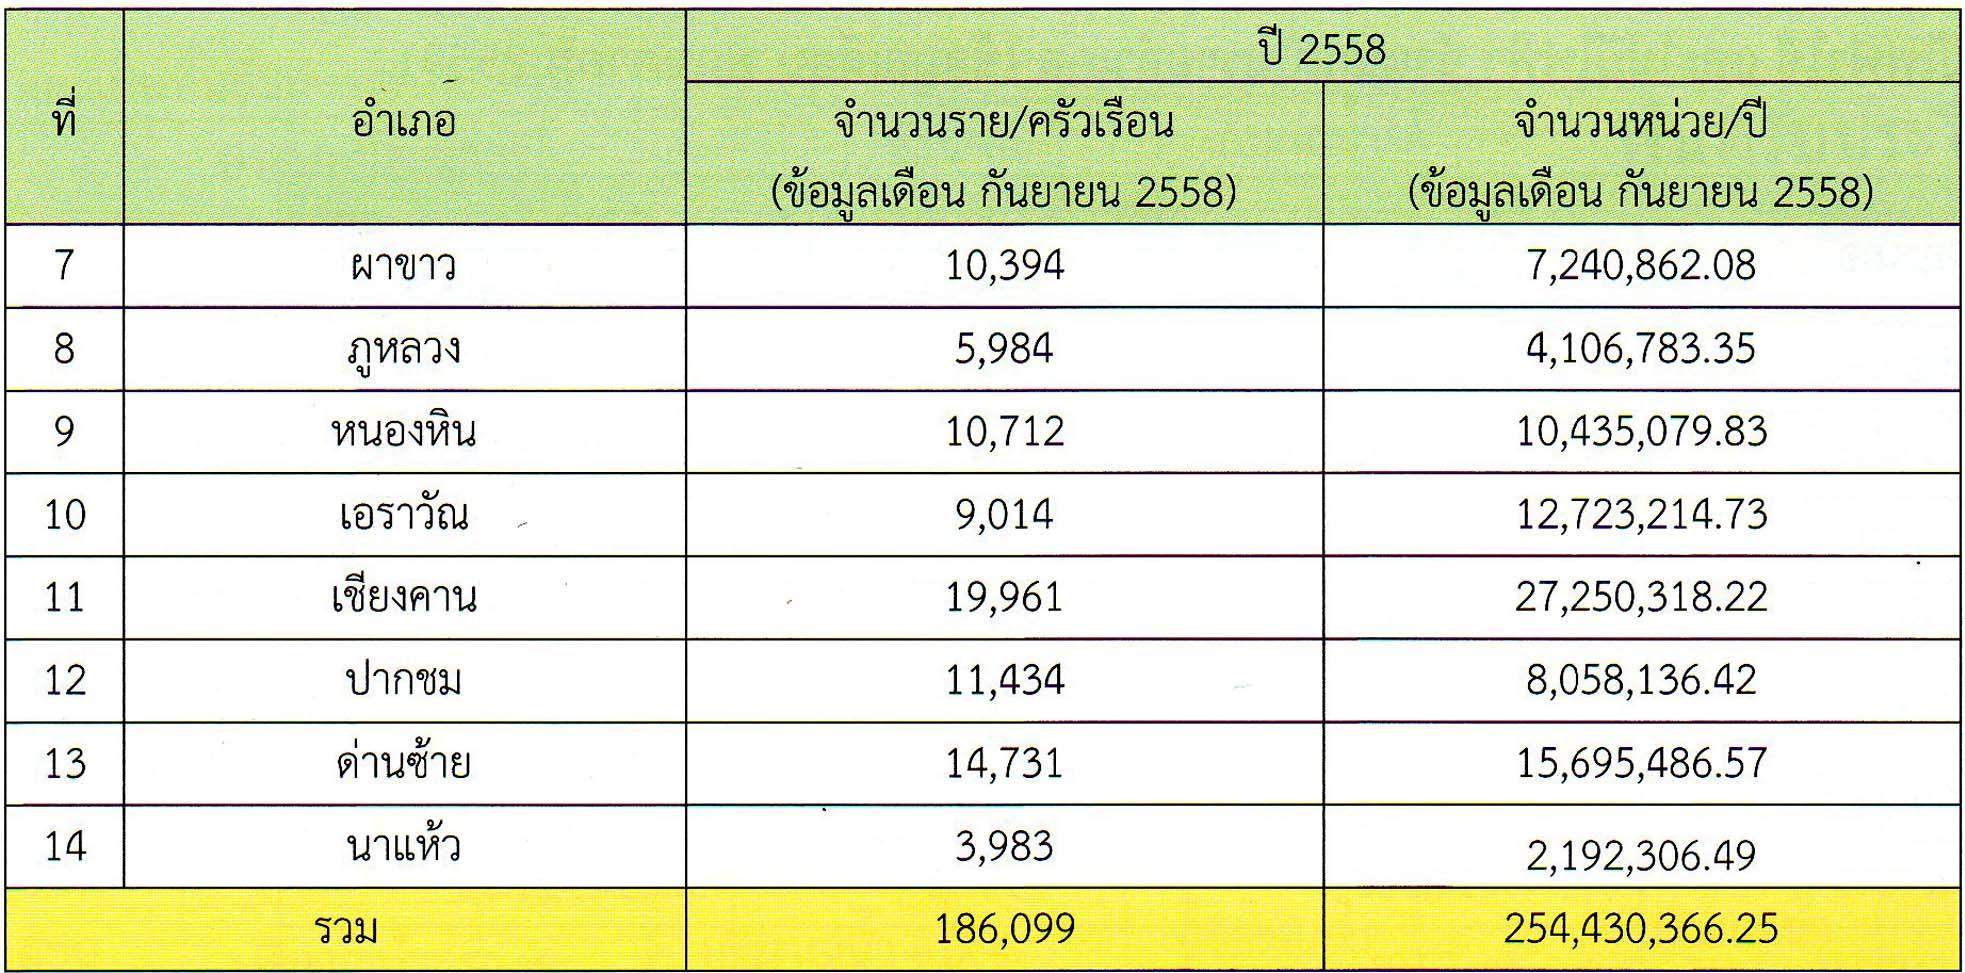 จำนวนครัวเรือนที่ไฟฟ้าและปริมาณการใช้กระแสไฟฟ้าแต่ละปี ปี2558